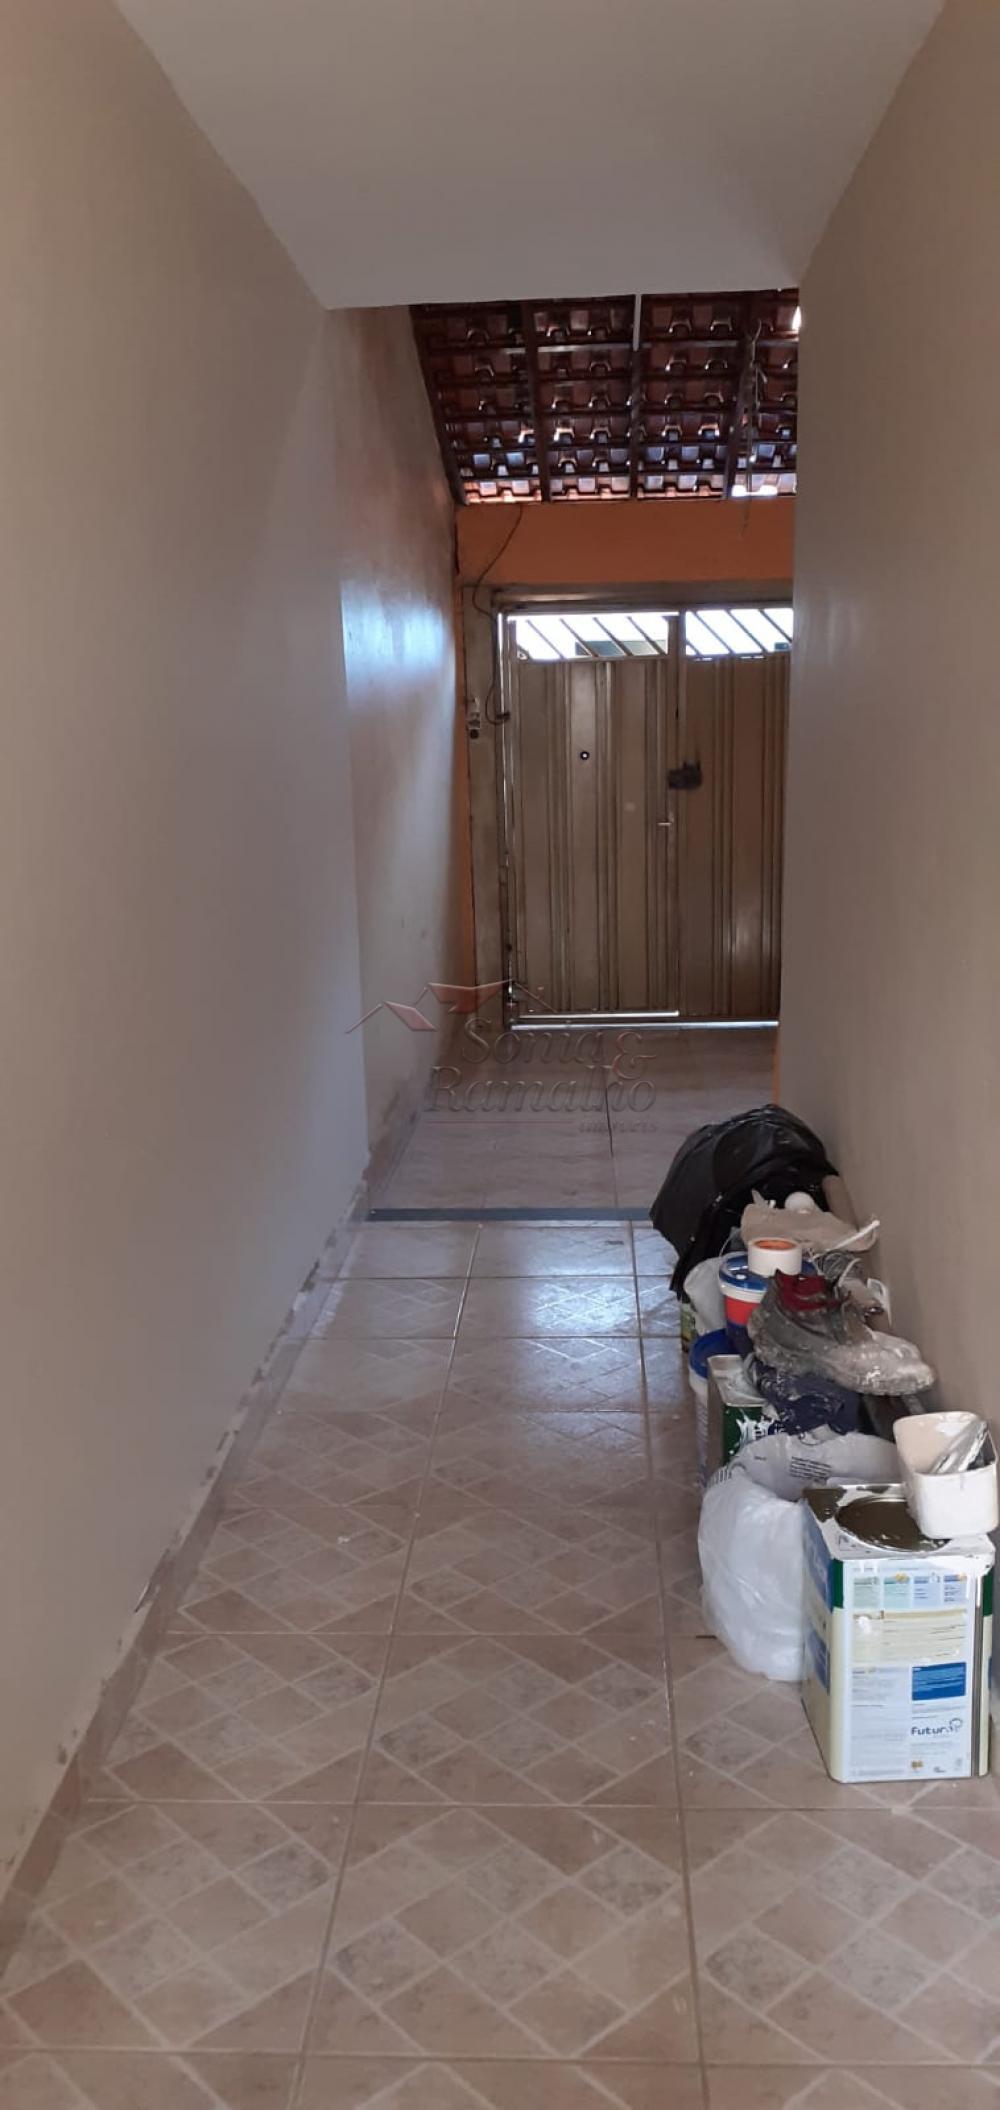 Comprar Casas / Padrão em Ribeirão Preto apenas R$ 200.000,00 - Foto 3